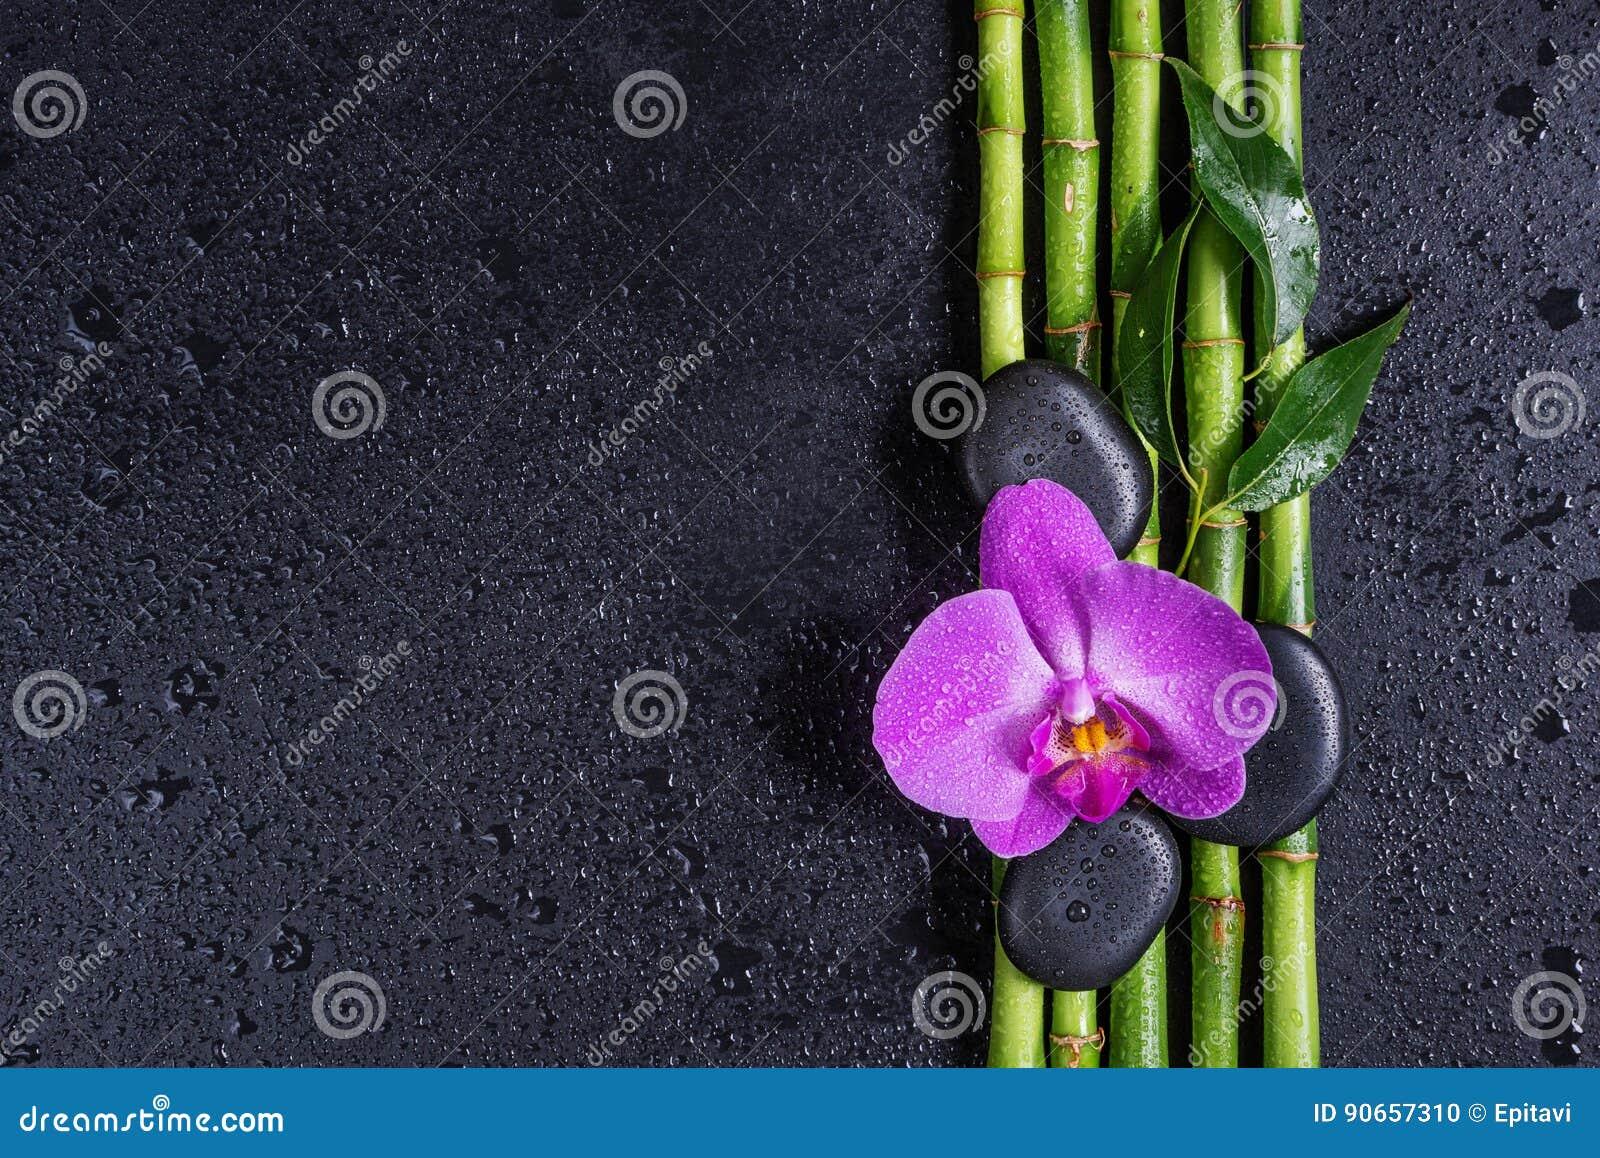 Wallpaper bambus und steine  Wallpaper Bambus Und Steine. Ipad Wallpaper Schner Wald In ...